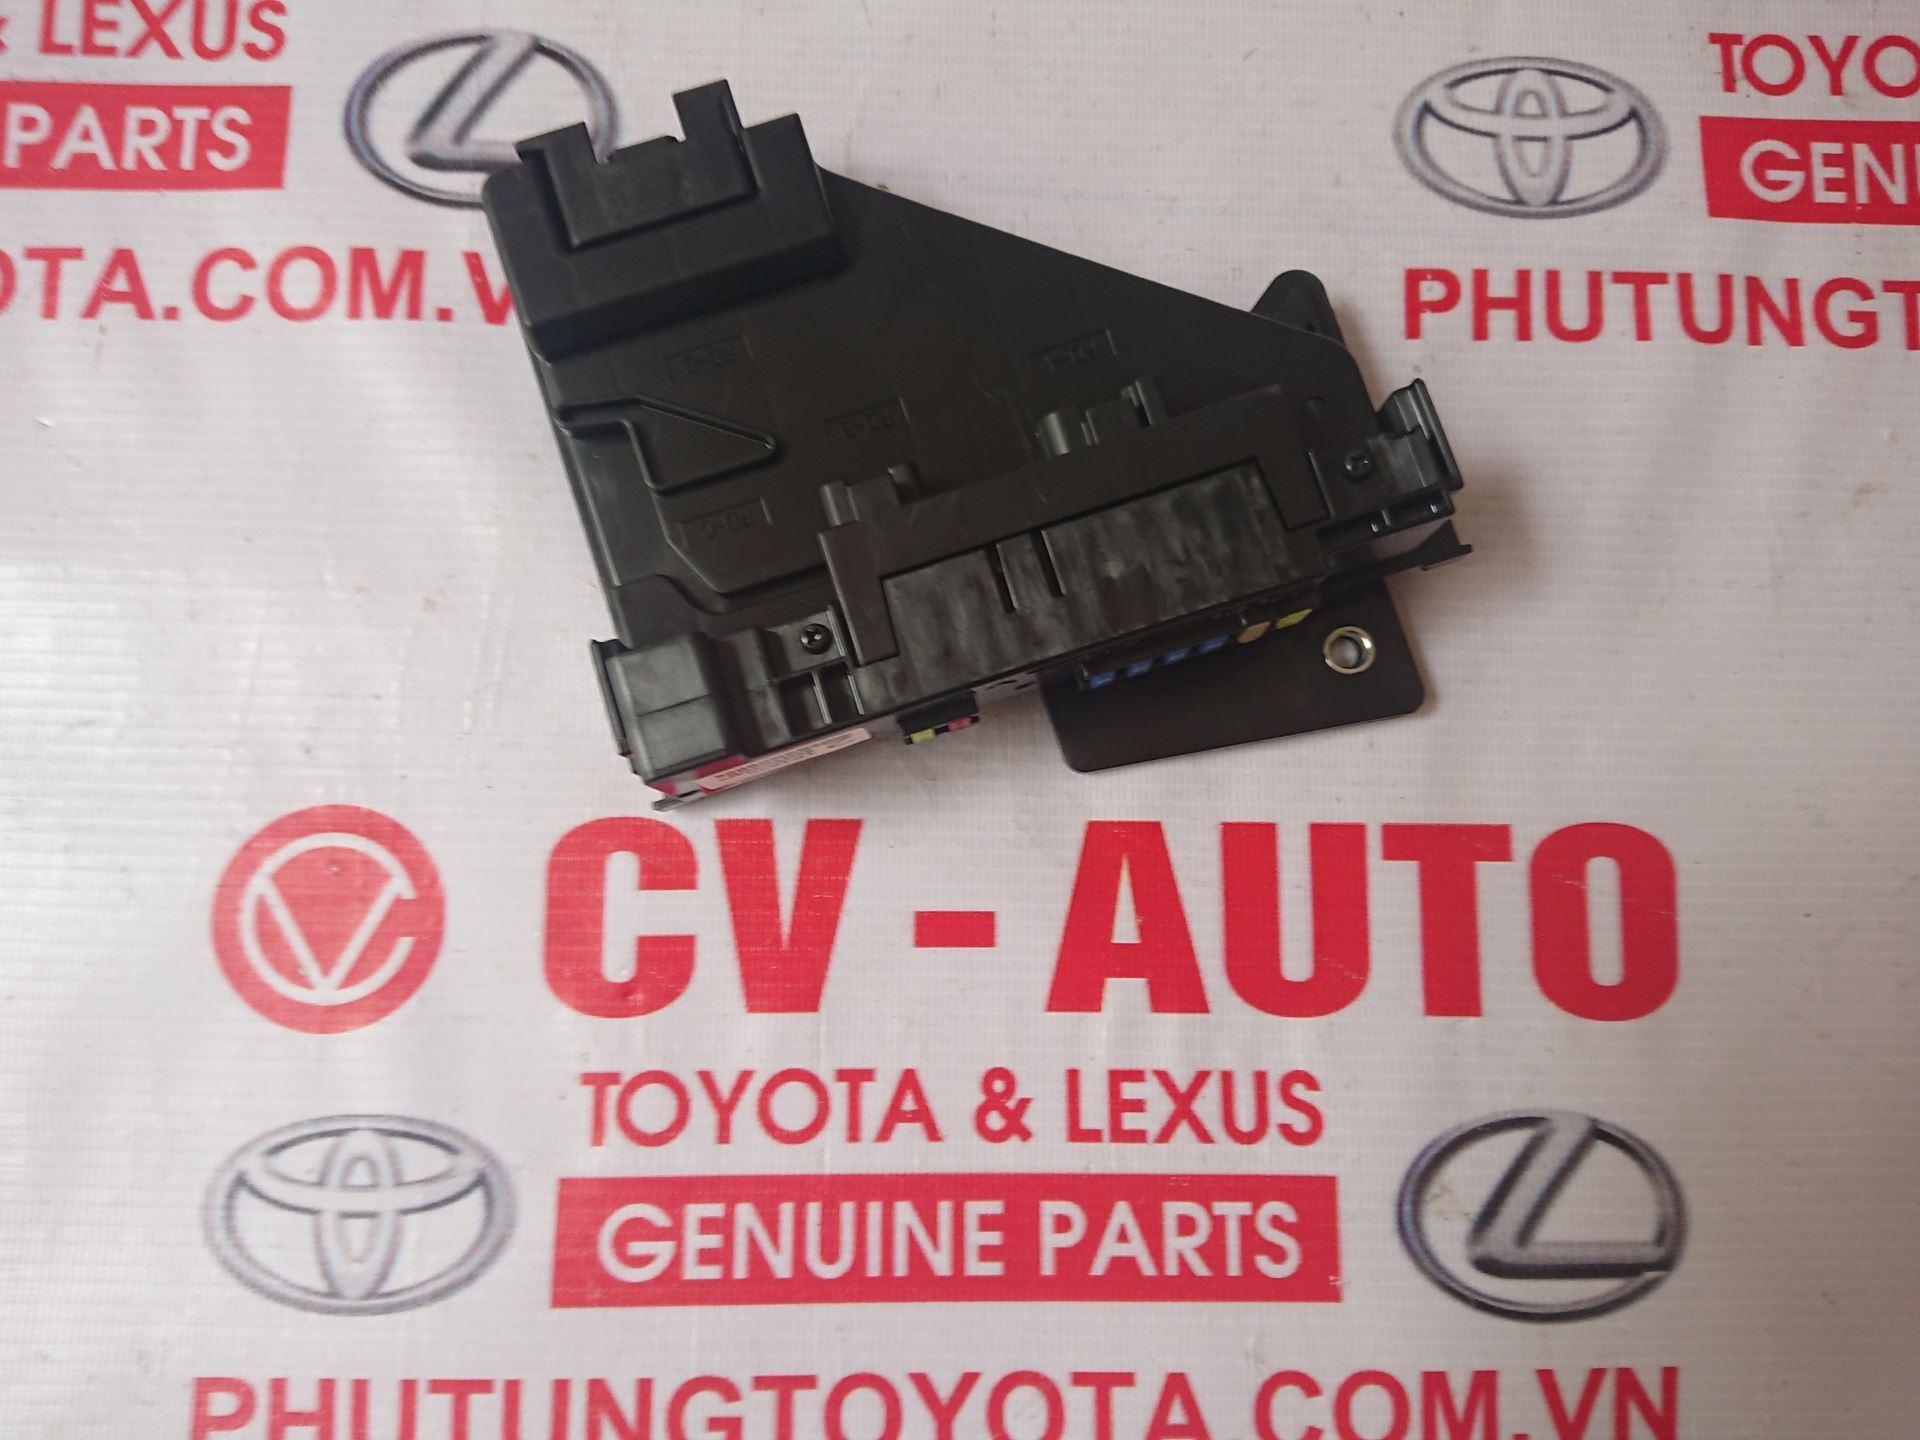 Picture of 82720-0T020 Hộp cầu chì Toyota Venza hàng chính hãng